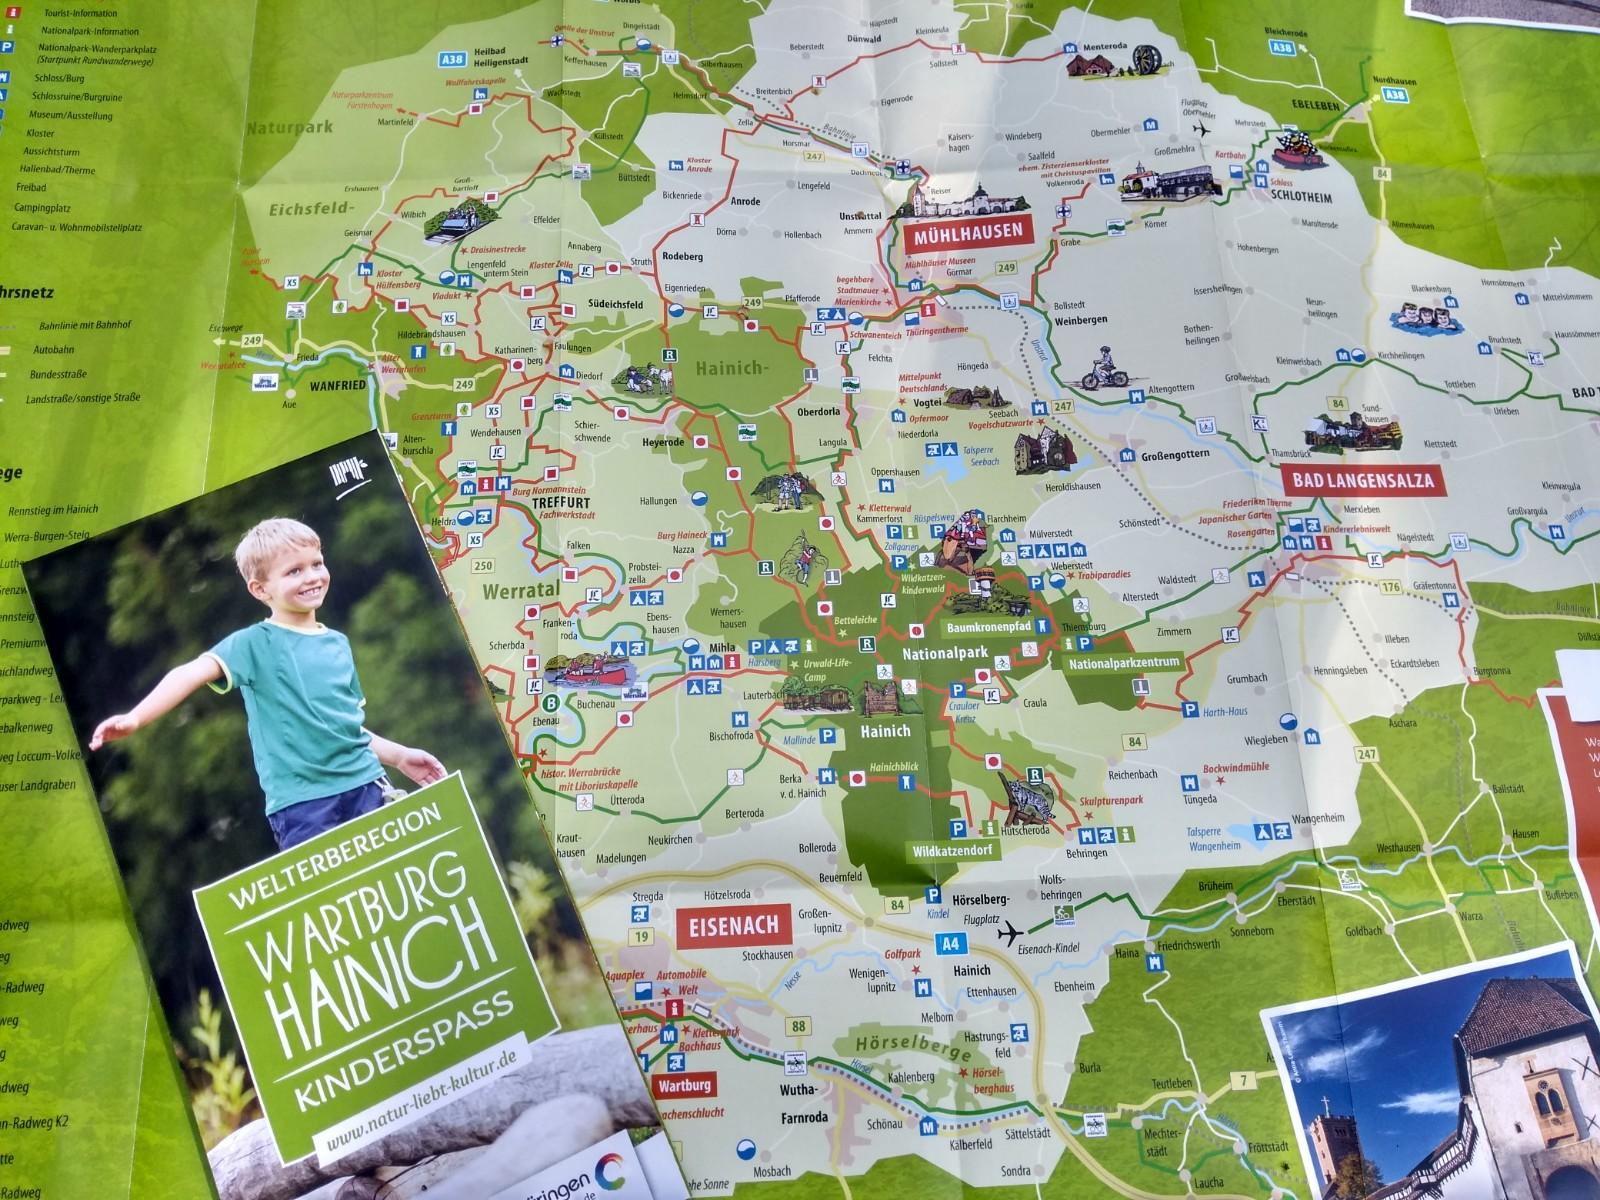 Kinderfreizeitkarte (Quelle: Welterberegion Wartburg-Hainich e.V.)